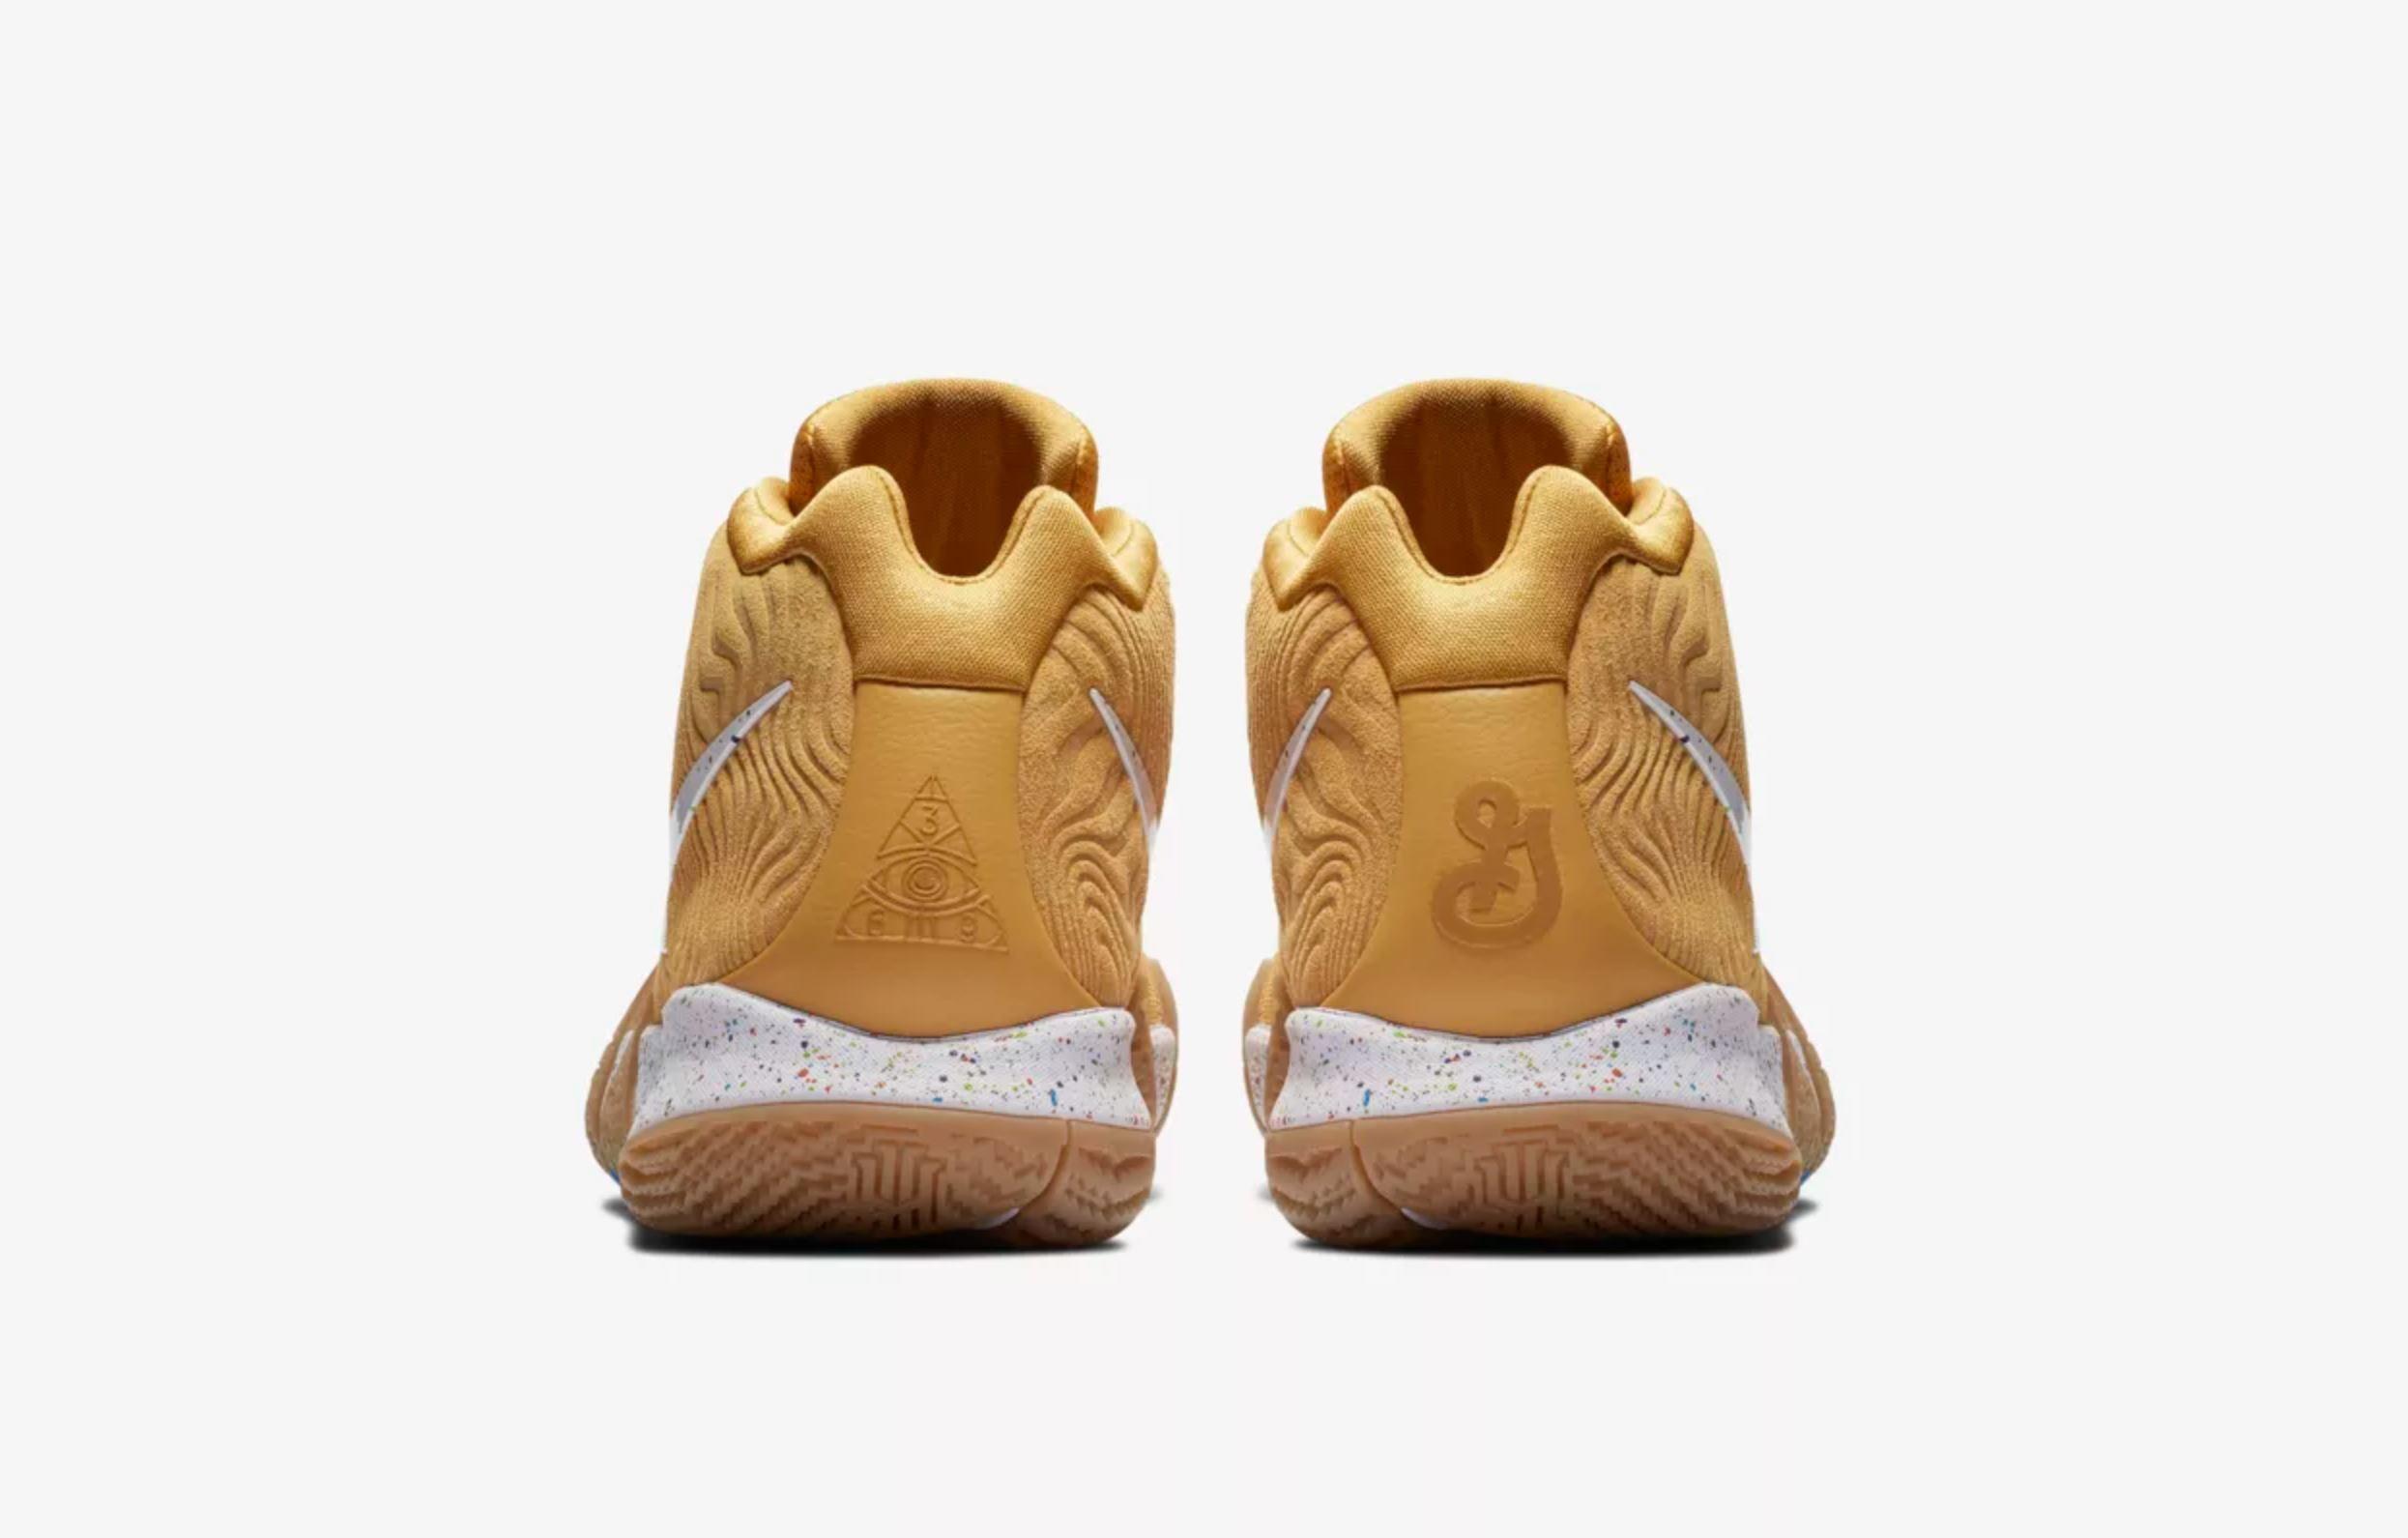 cinnamon toast shoes